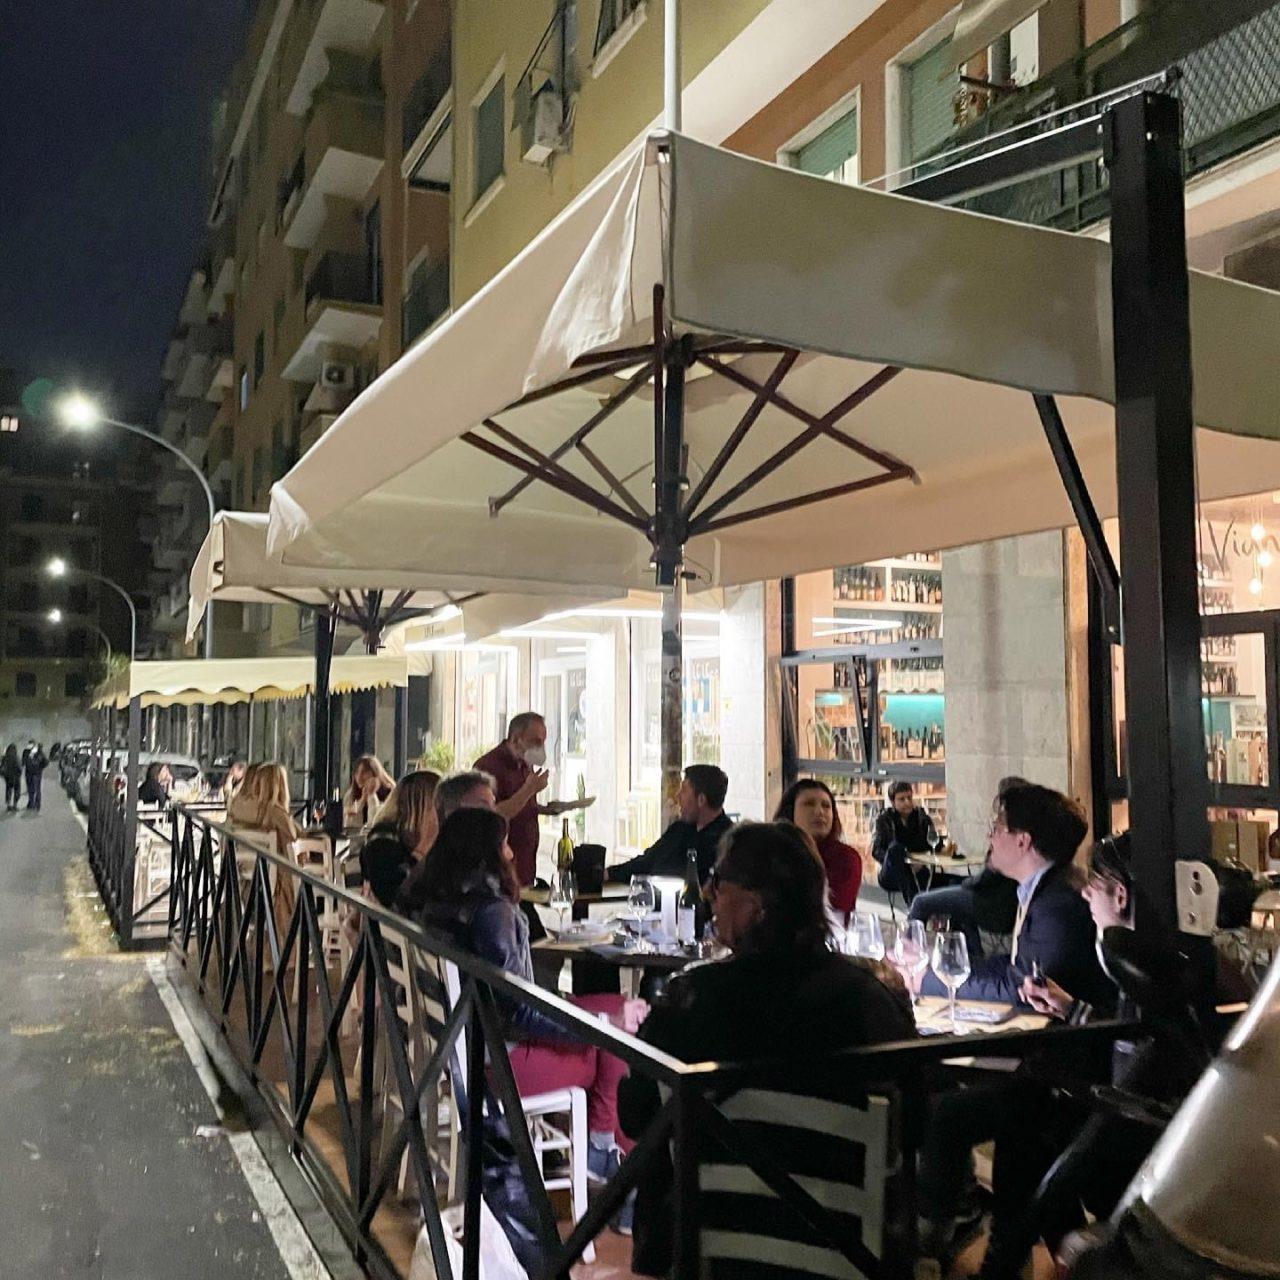 Vigneto dehors aperitivo all'aperto